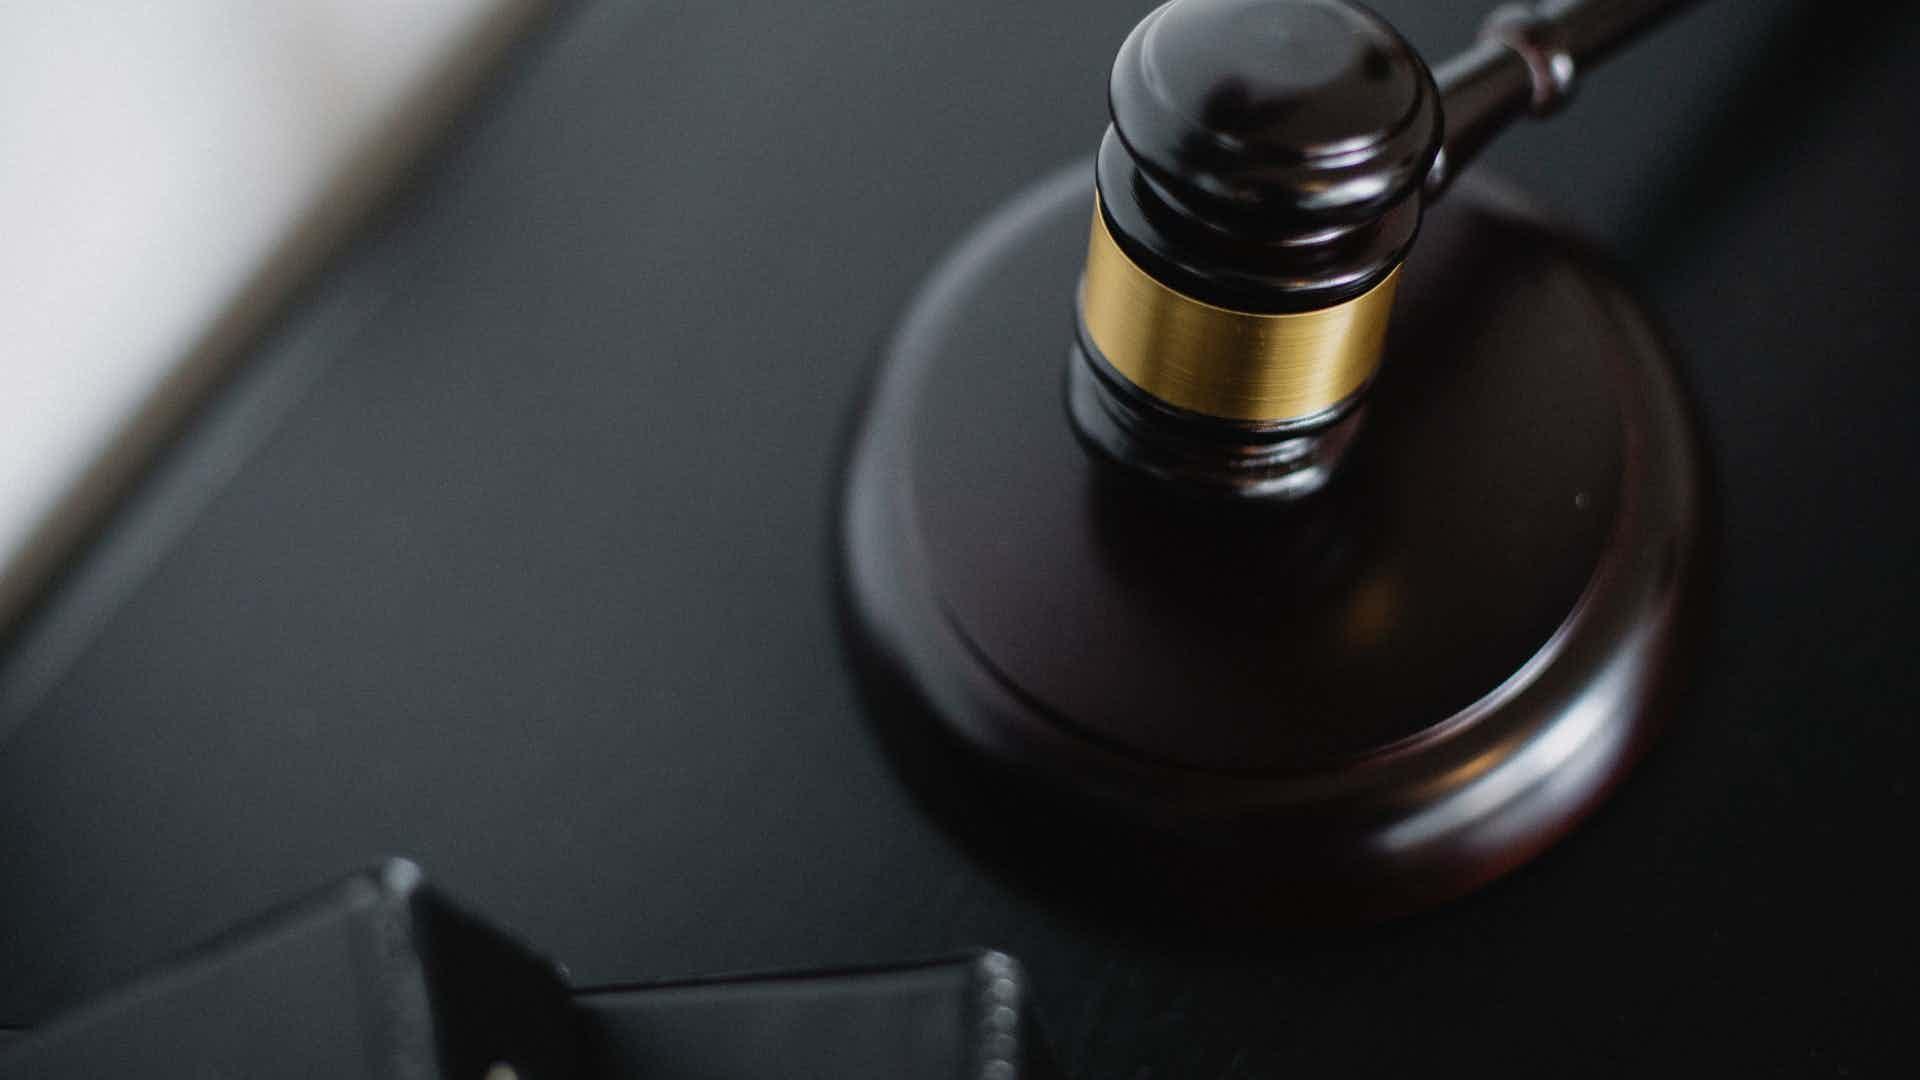 heb ik recht op gesubsidieerde rechtsbijstand